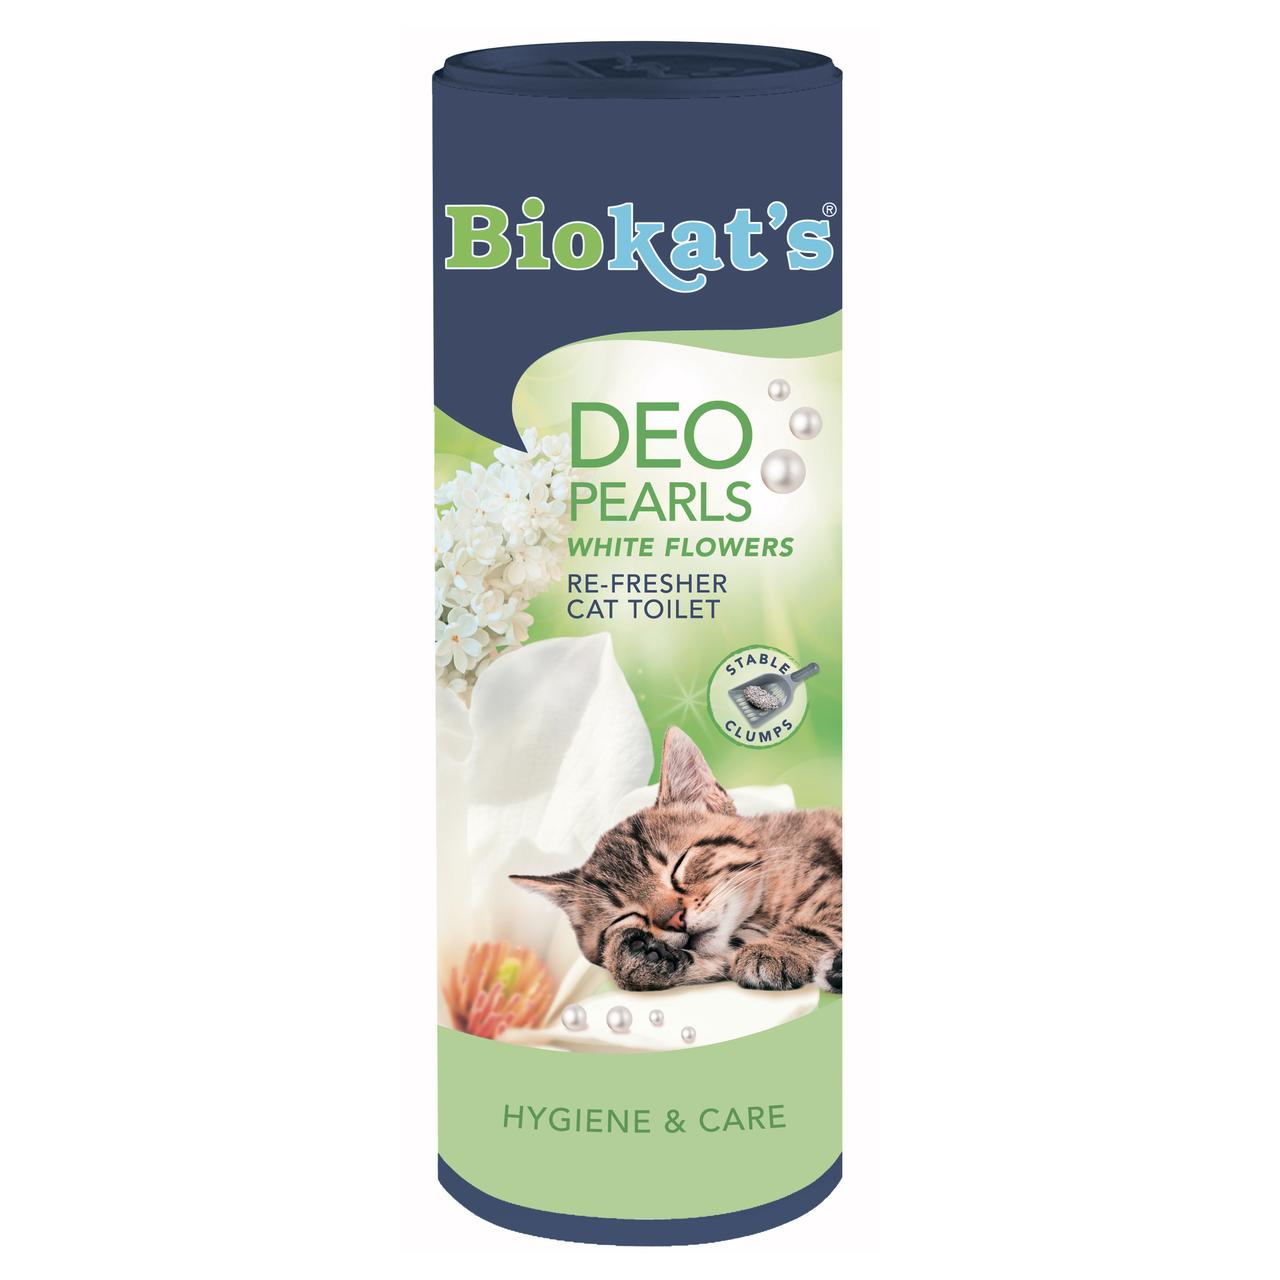 Biokat's (Биокетс) DEO Spring 700г (порошок)- дезодорант для кошачьего туалета (полевые цветы и утренняя роса)